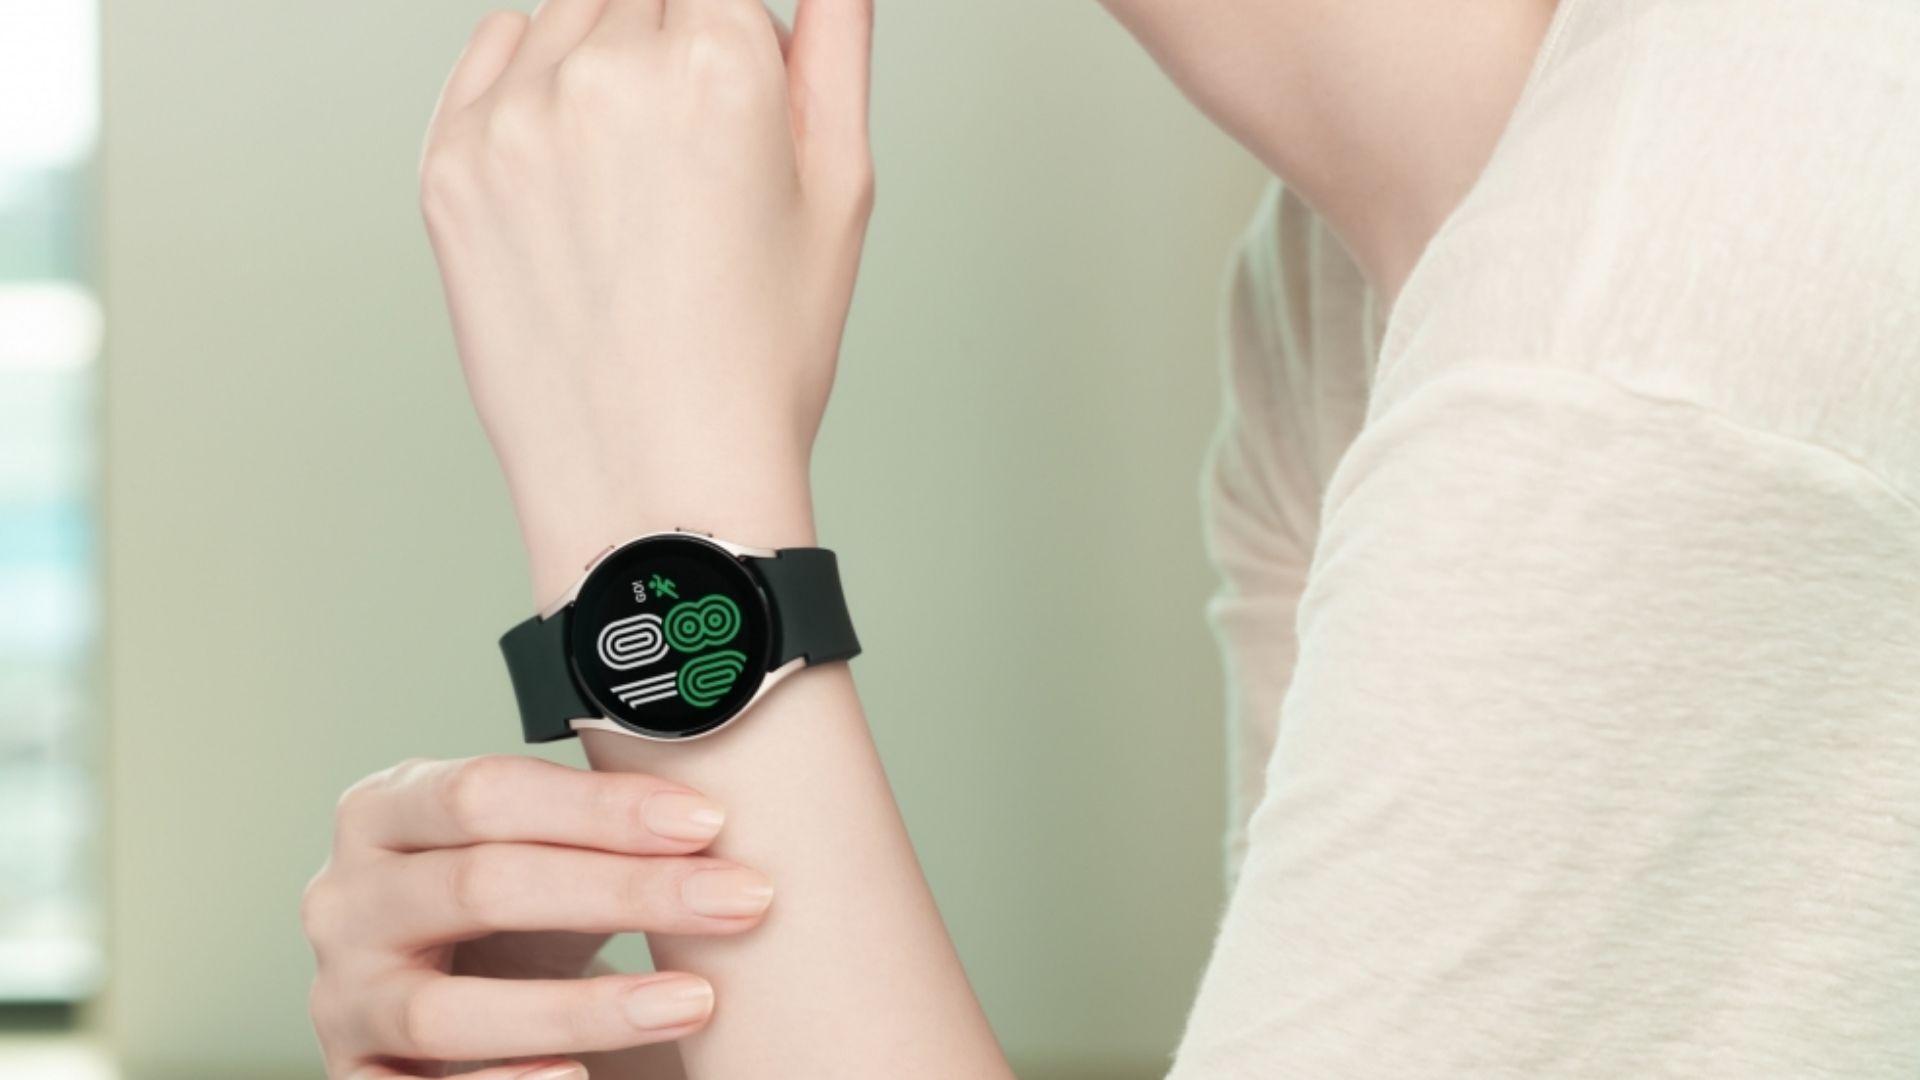 Galaxy Watch 4 no pulso de uma pessoa com blusa branca